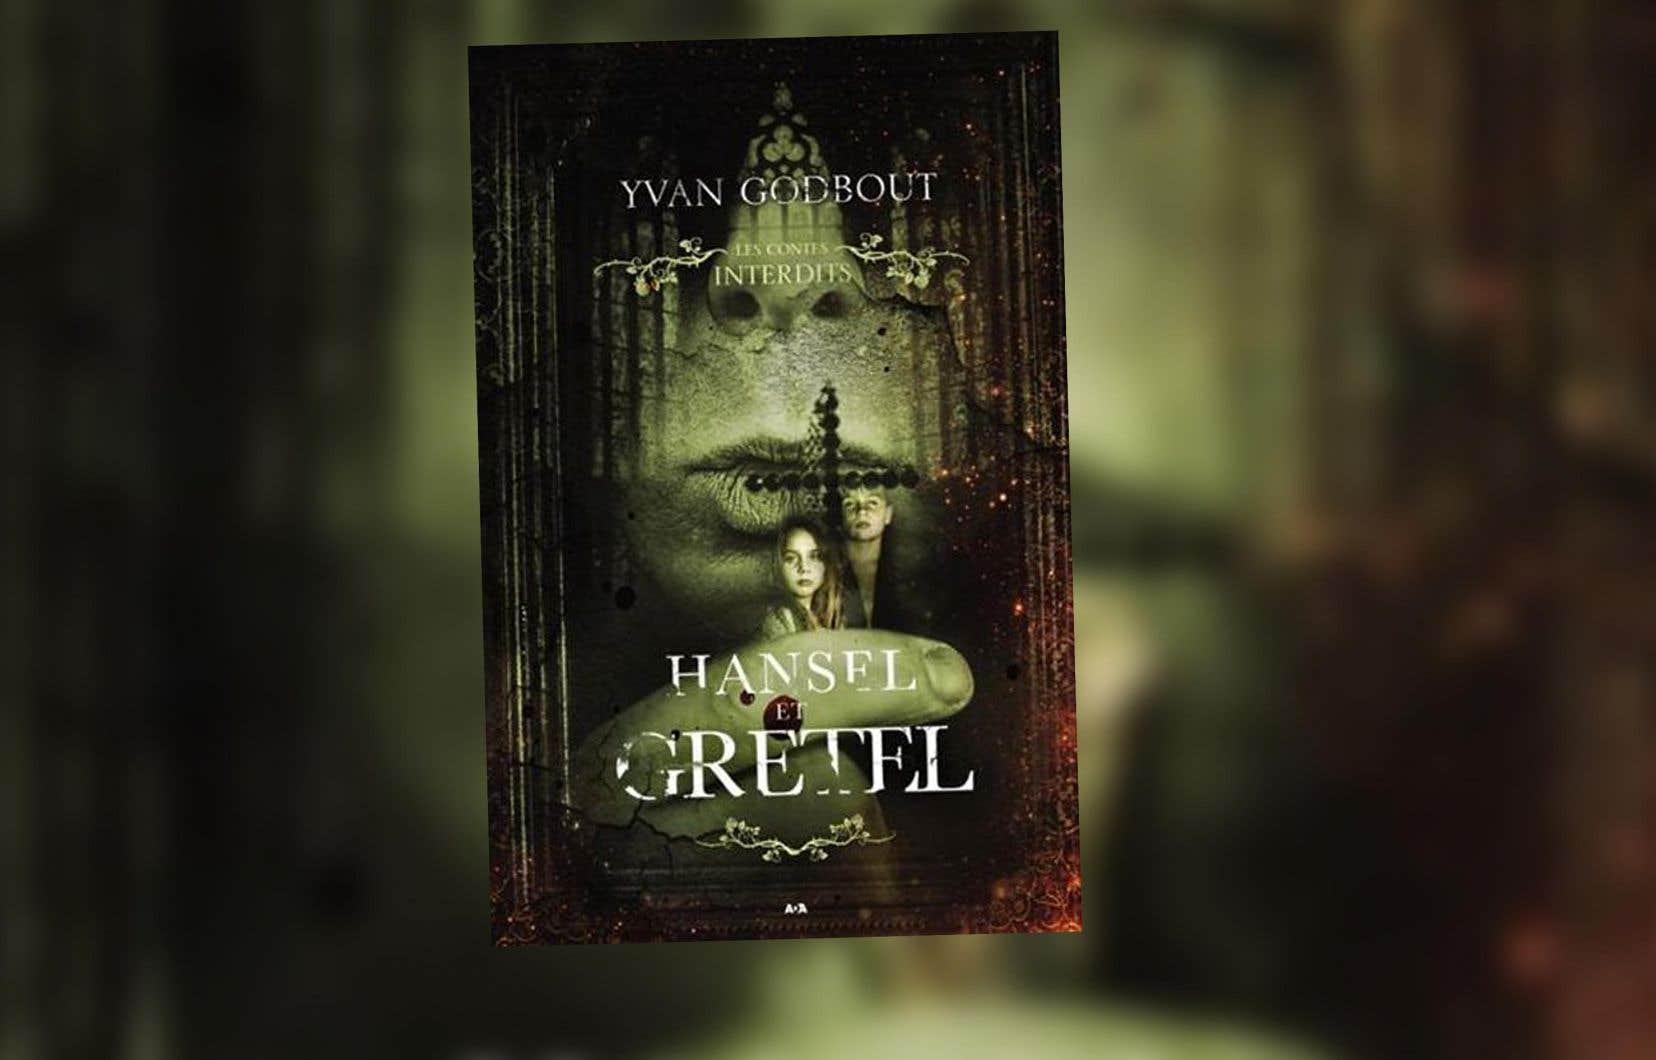 Choquée par une scène dans «Hansel et Gretel», de la collection des Contes interdits, où l'auteur décrit le viol d'une enfant, une enseignante porte plainte à la police.